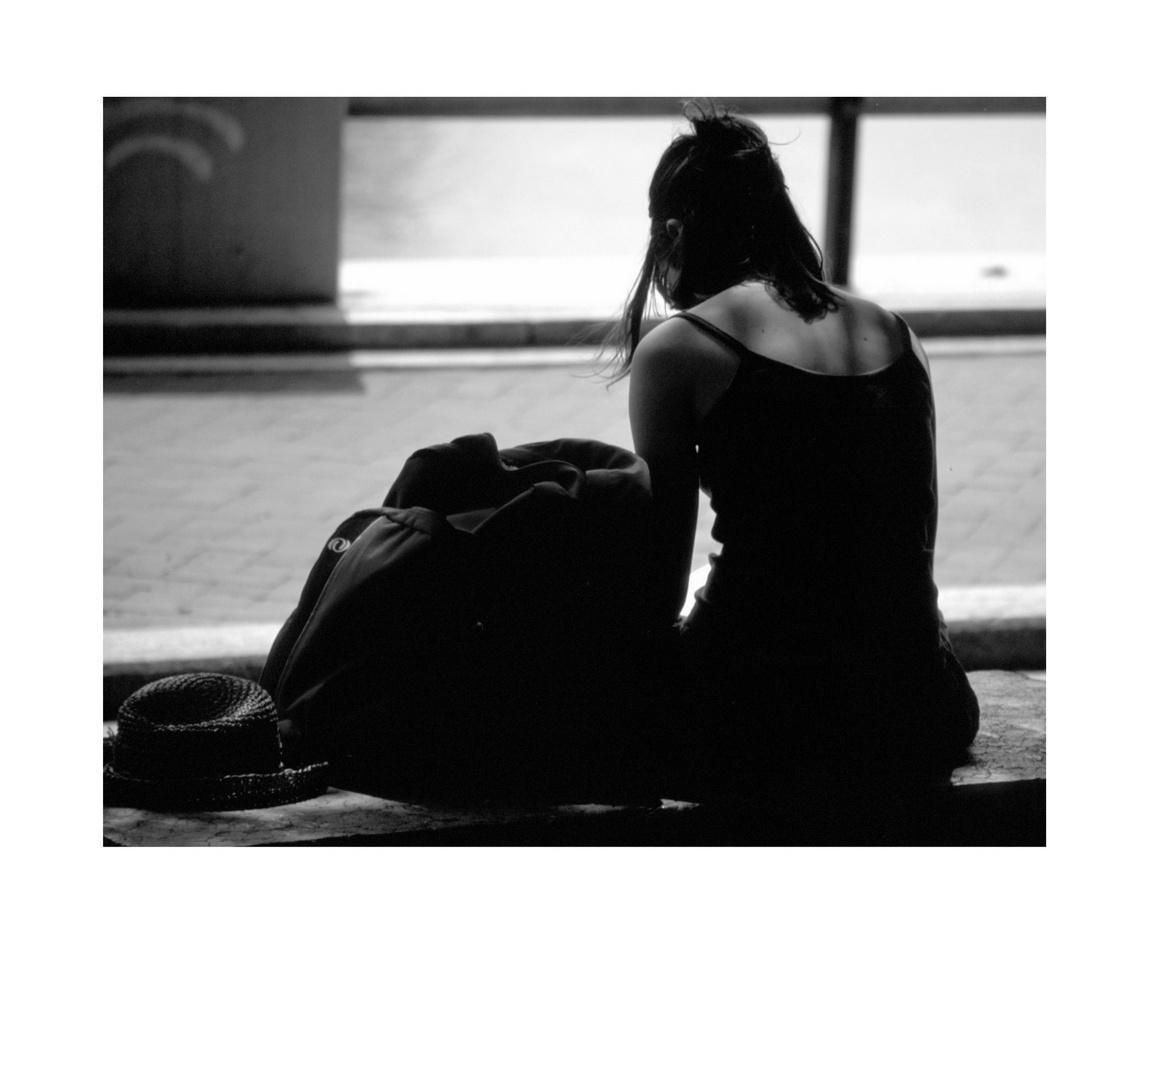 ...Solitudine...